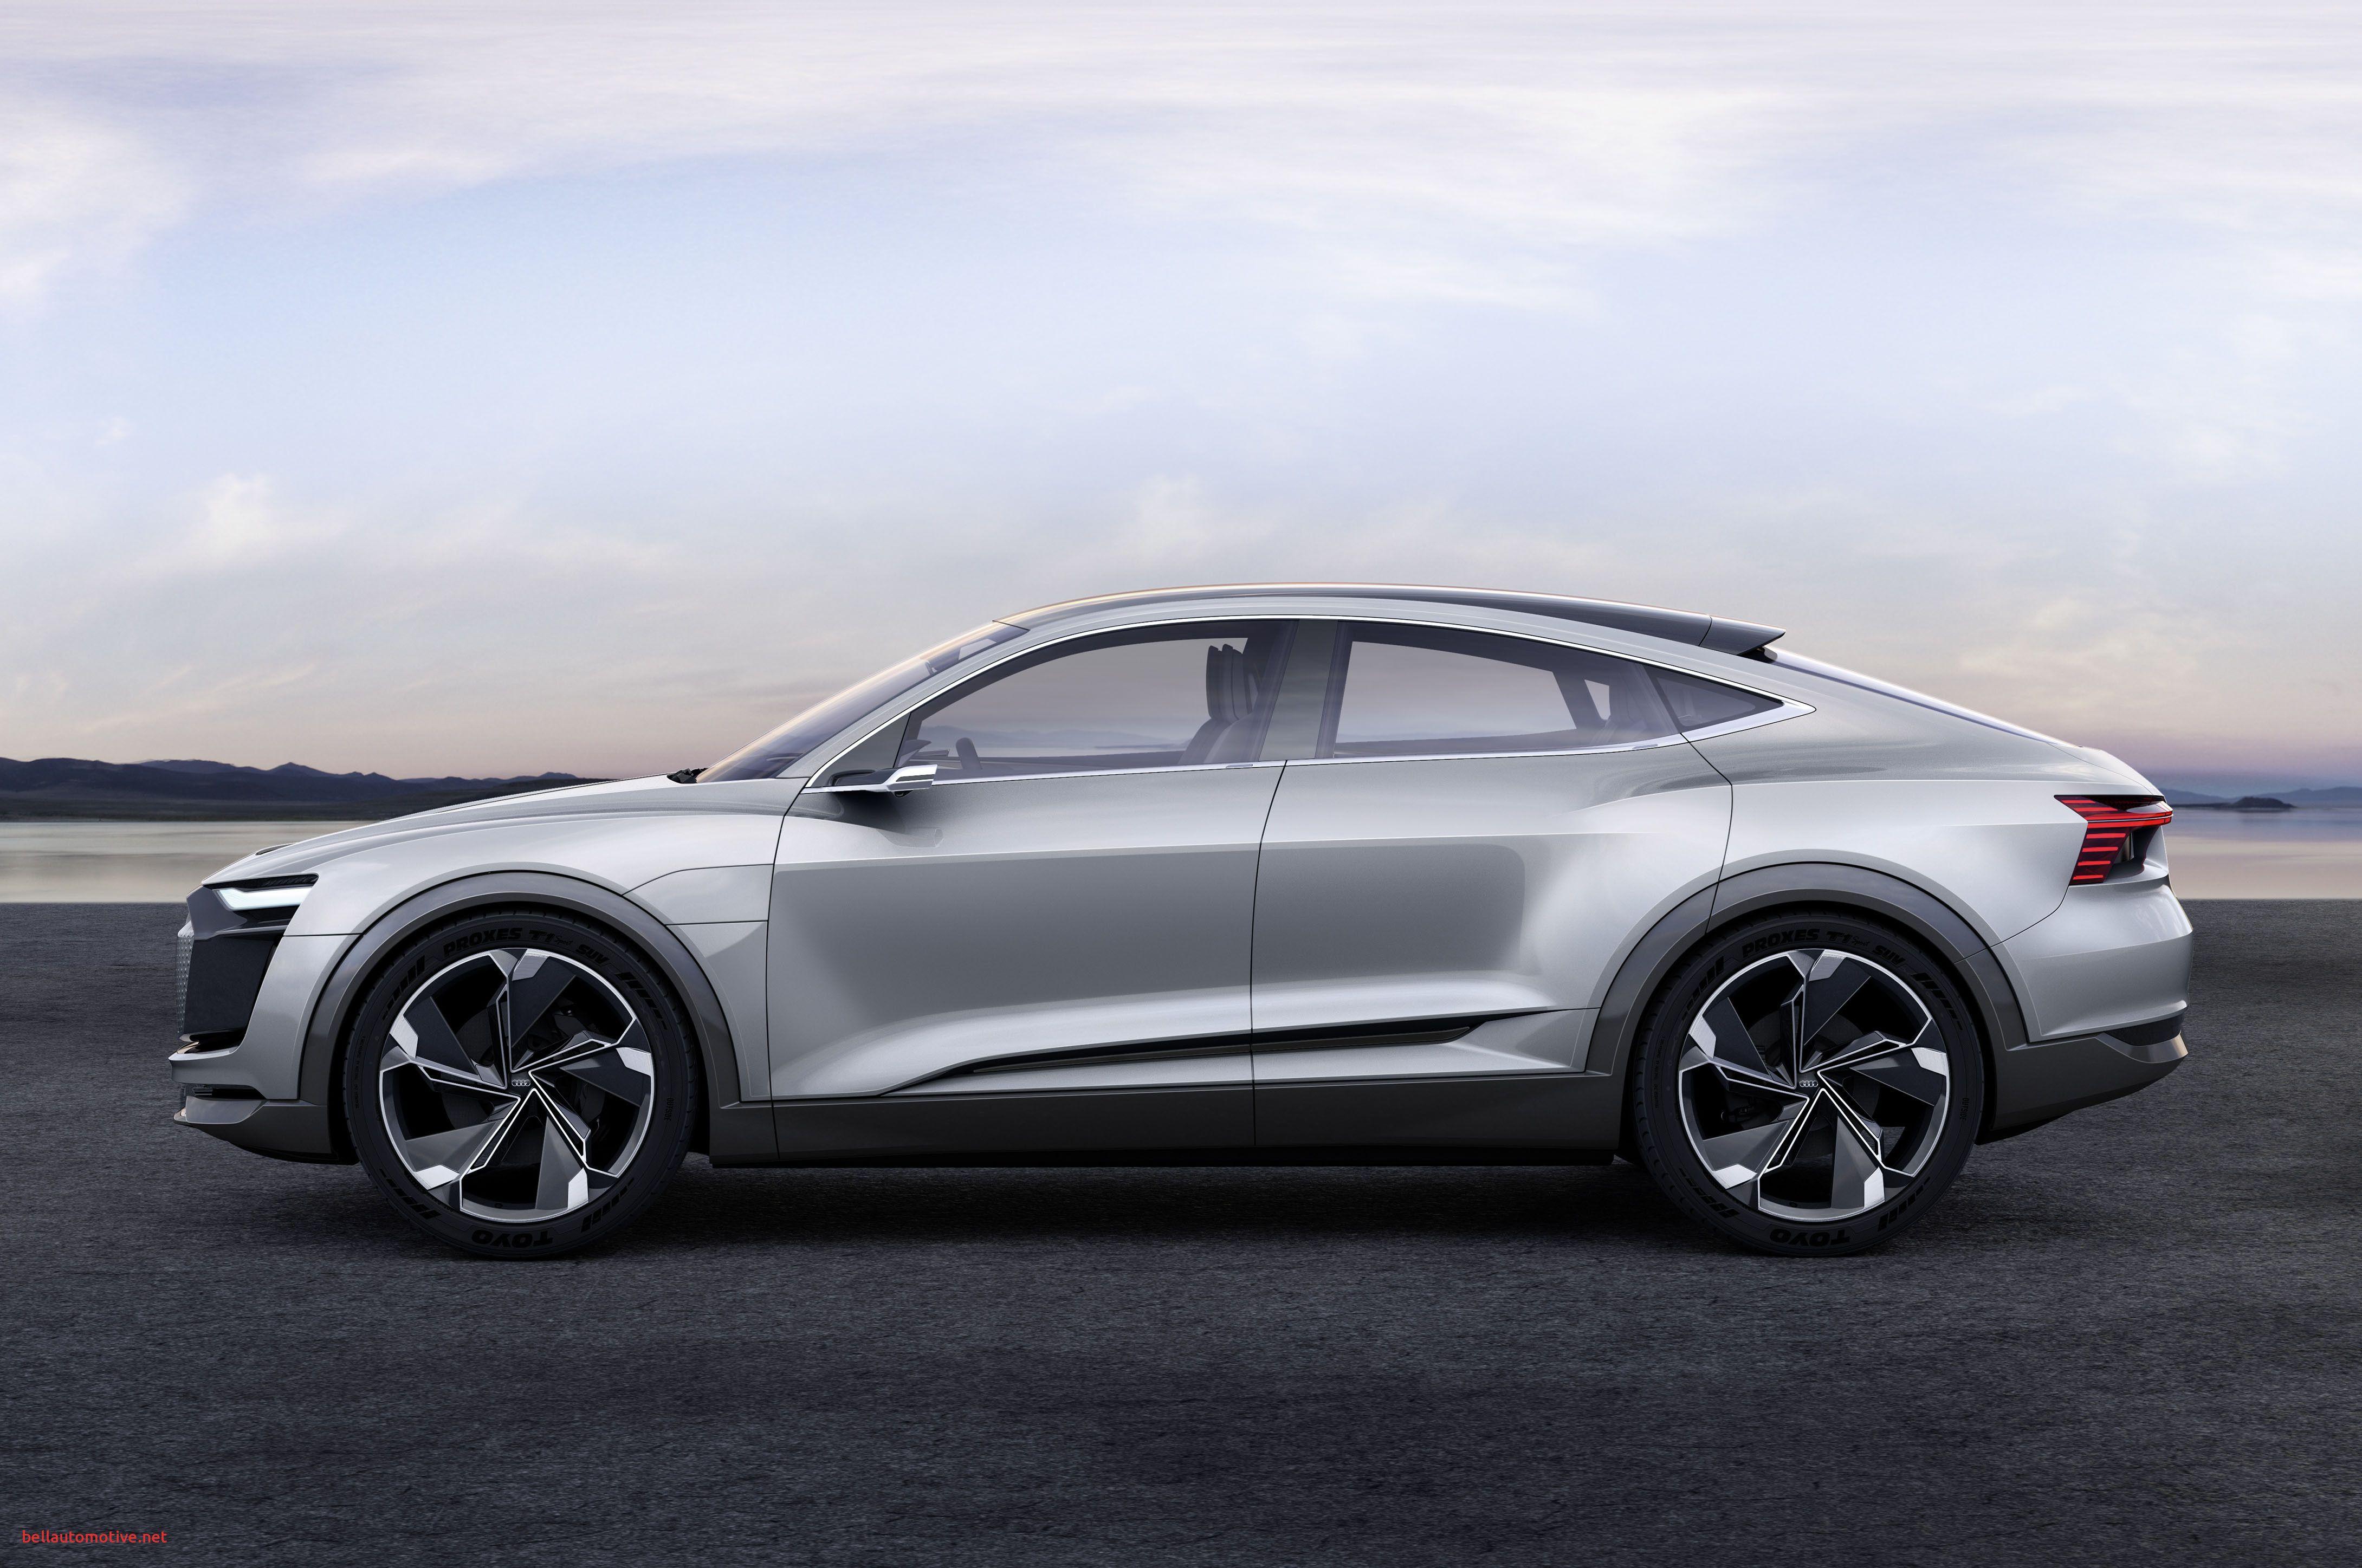 Best Of Audi E Tron Sportback Price In 2020 Audi E Tron Electric Car Concept E Tron